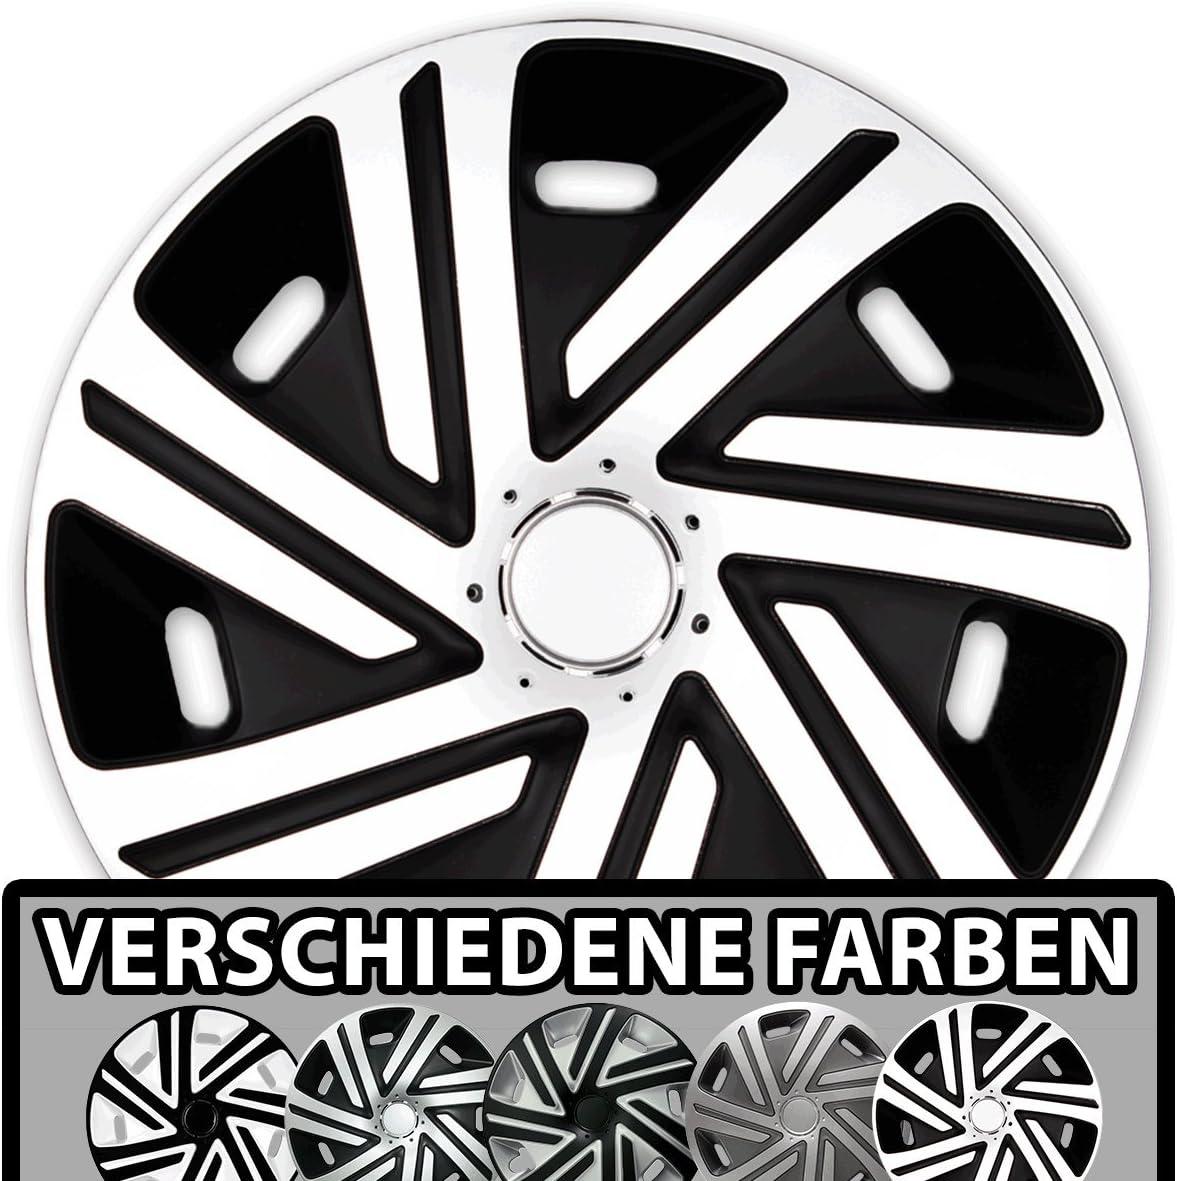 Eight Tec Handelsagentur Größe Und Farbe Wählbar Radzierblenden 16 Zoll Cyrkon Schwarz Weiß Passend Für Fast Alle Fahrzeugtypen Universell Auto